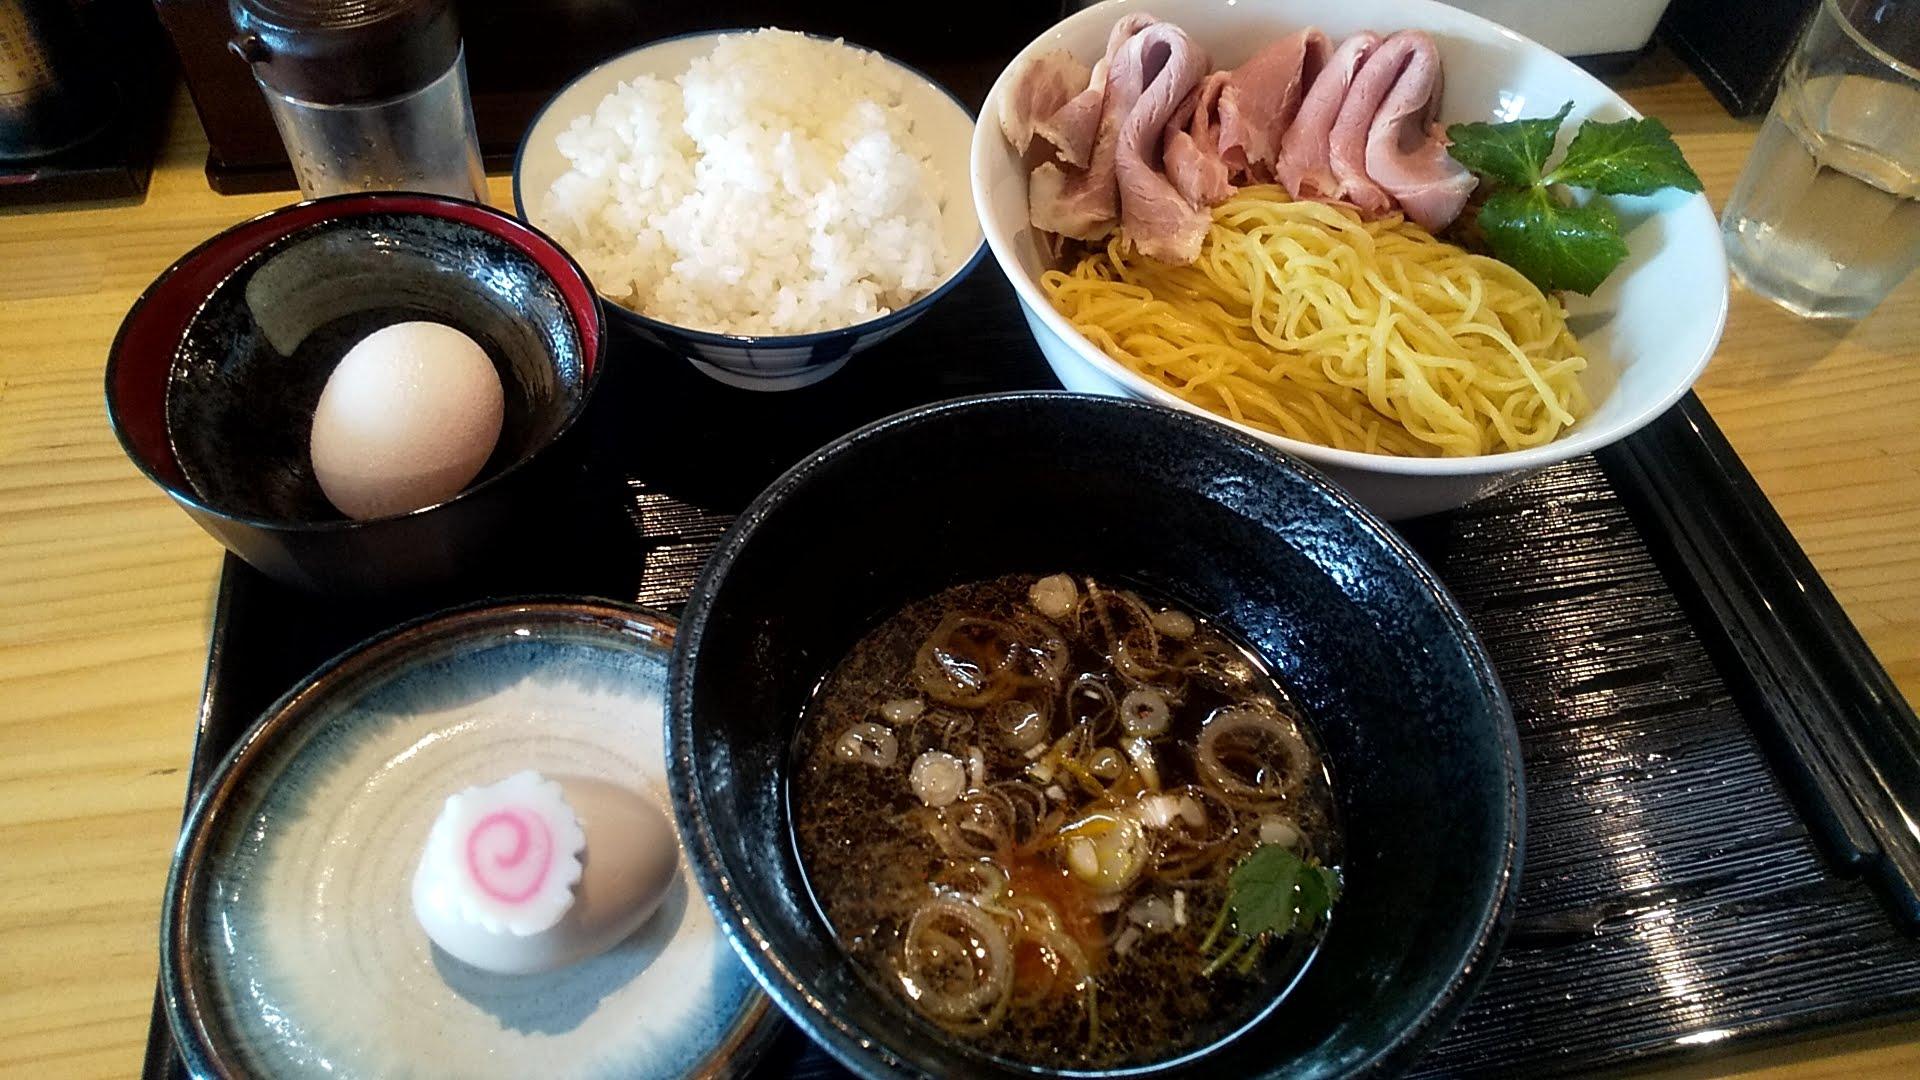 麺屋淳陛屋の特製つけ麺と卵かけご飯